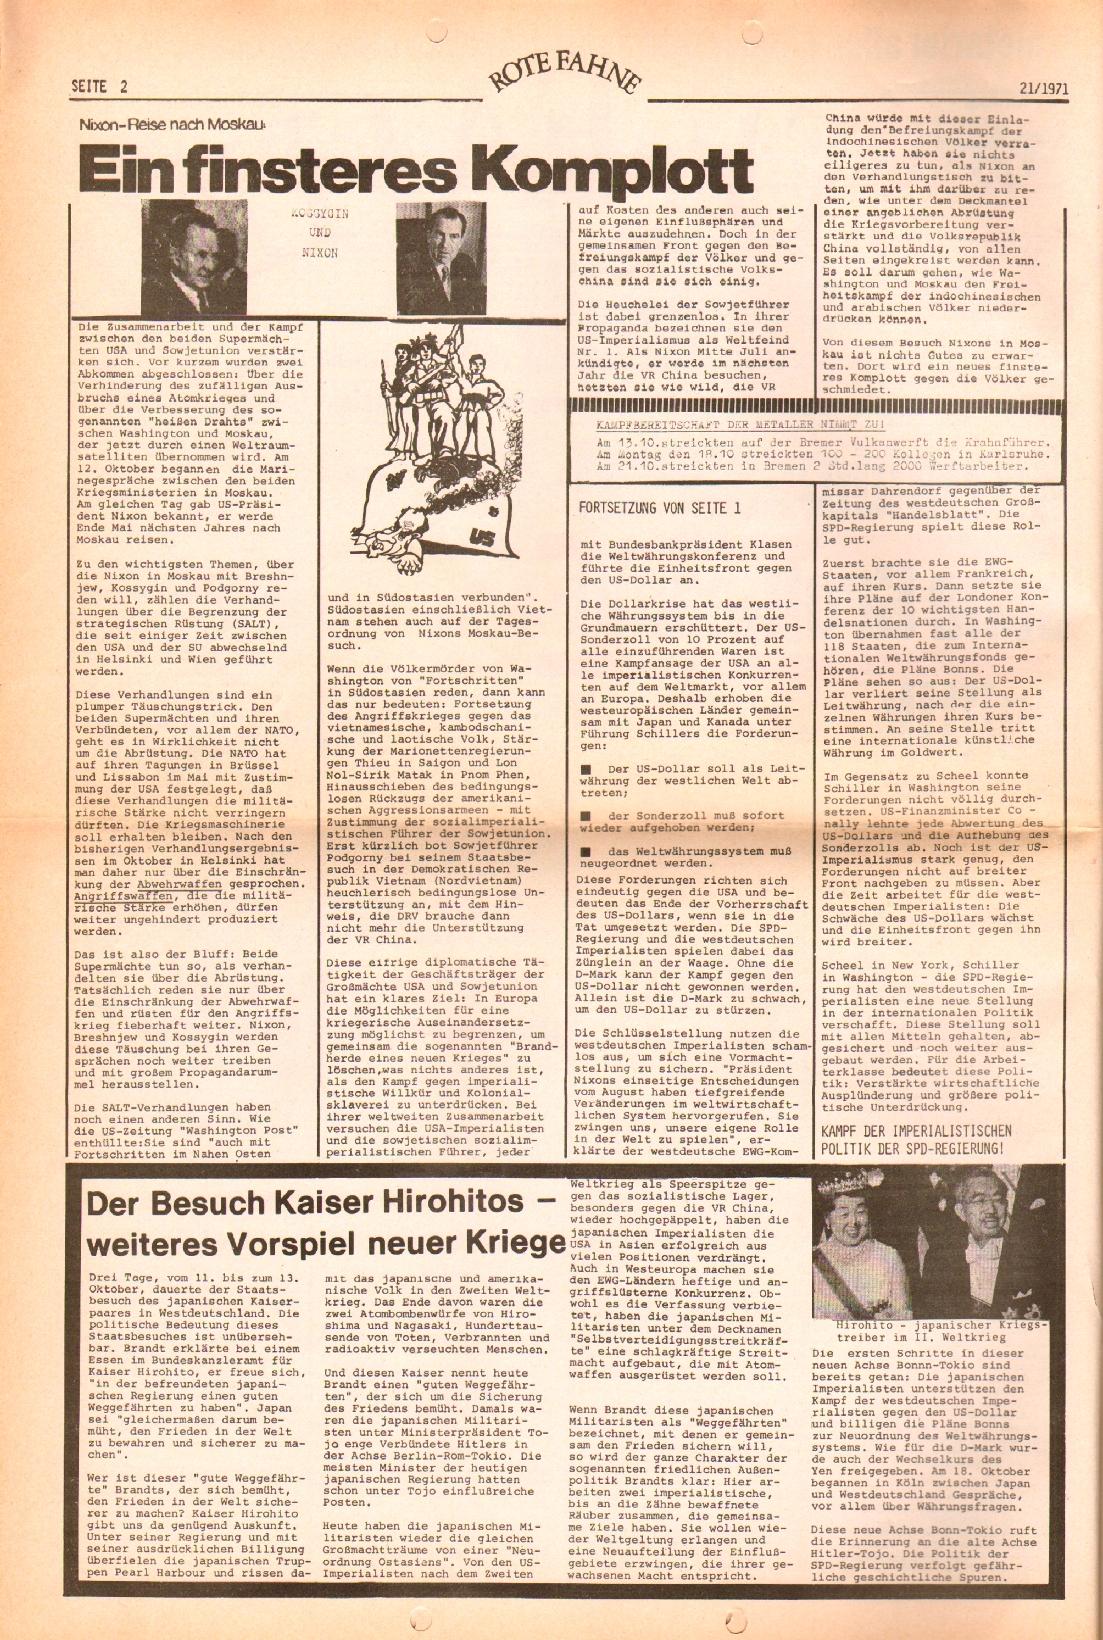 Rote Fahne, 2. Jg., 25.10.1971, Nr. 21, Seite 2